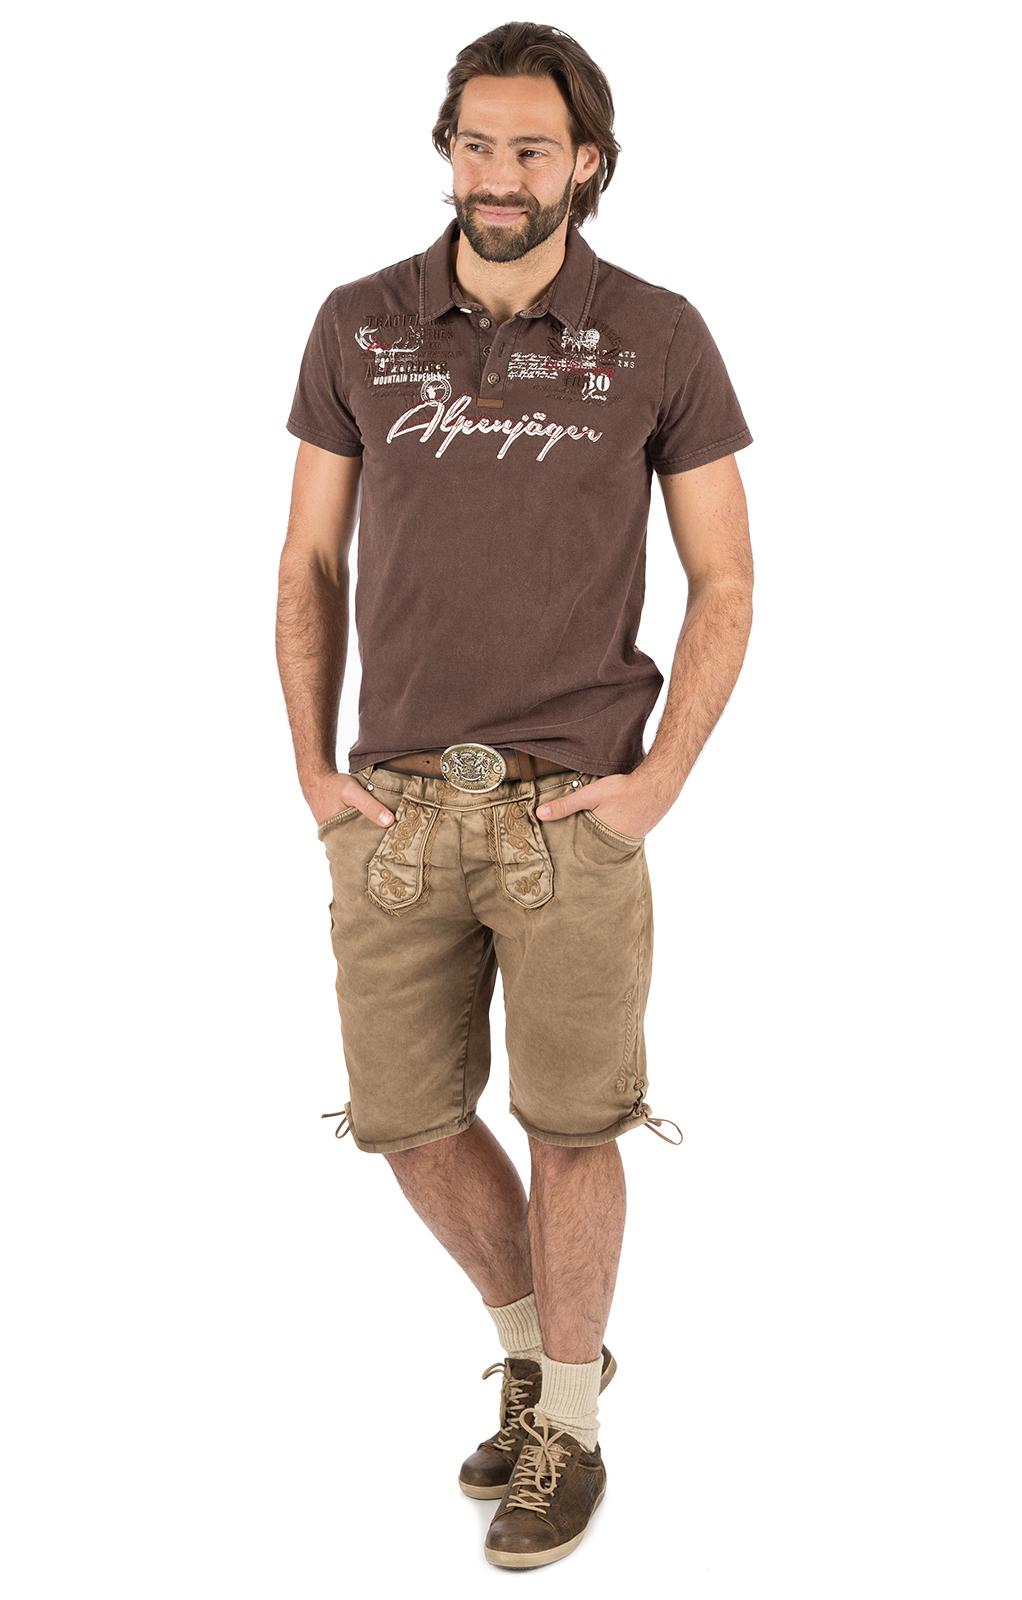 weitere Bilder von Trachten T-Shirt E09 - ALPENJAEGER braun